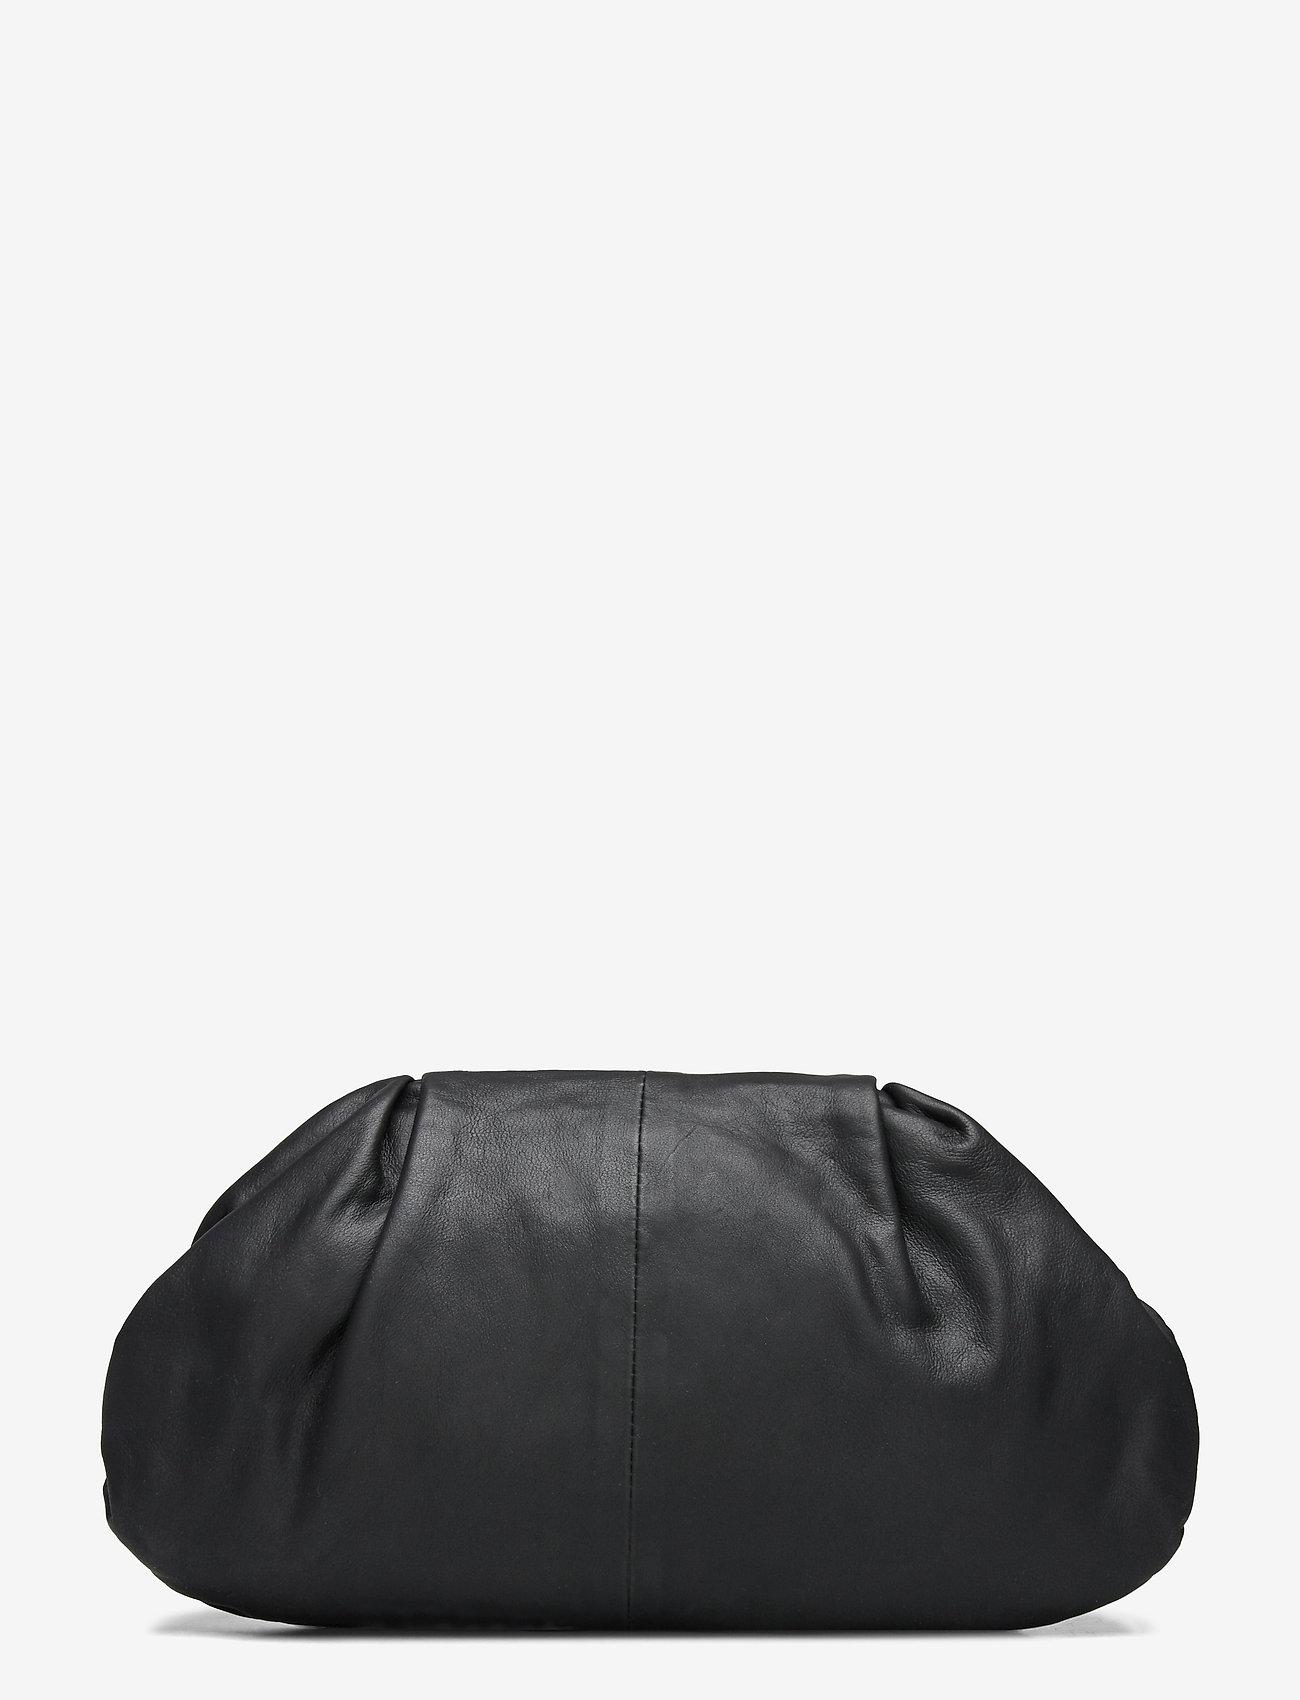 DEPECHE - Small bag / Clutch - kirjekuorilaukut - 099 black (nero) - 0